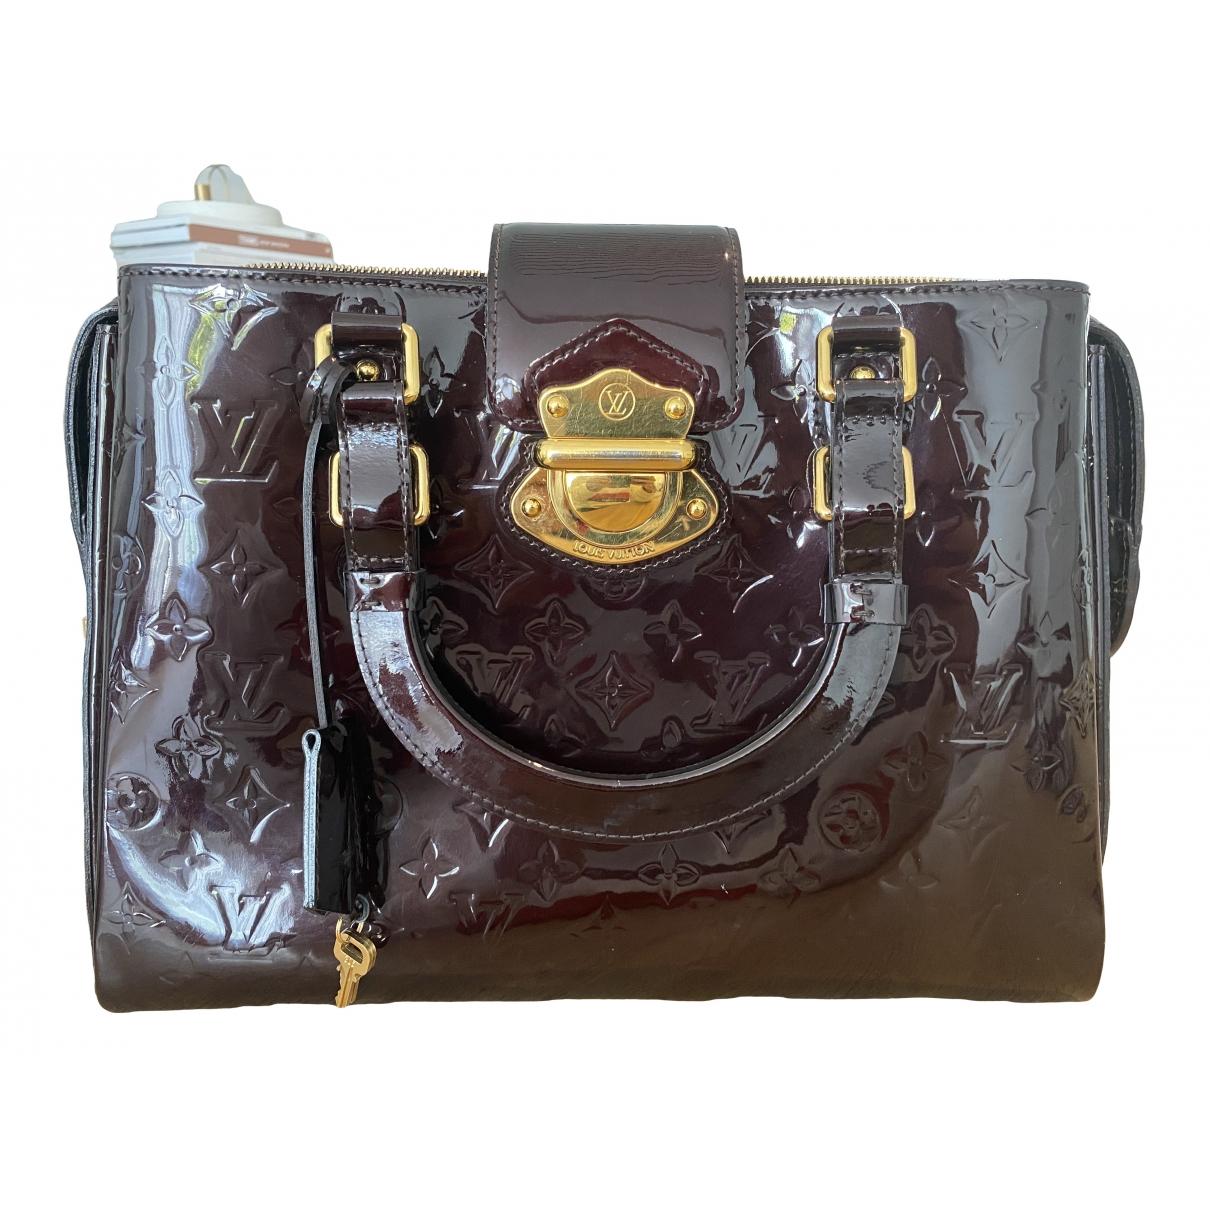 Louis Vuitton - Sac a main Melrose pour femme en cuir verni - bordeaux